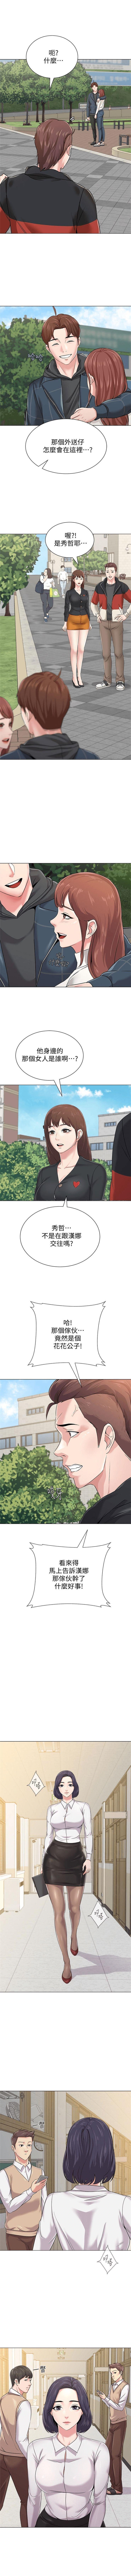 (周3)老师 1-56 中文翻译(更新中) 313